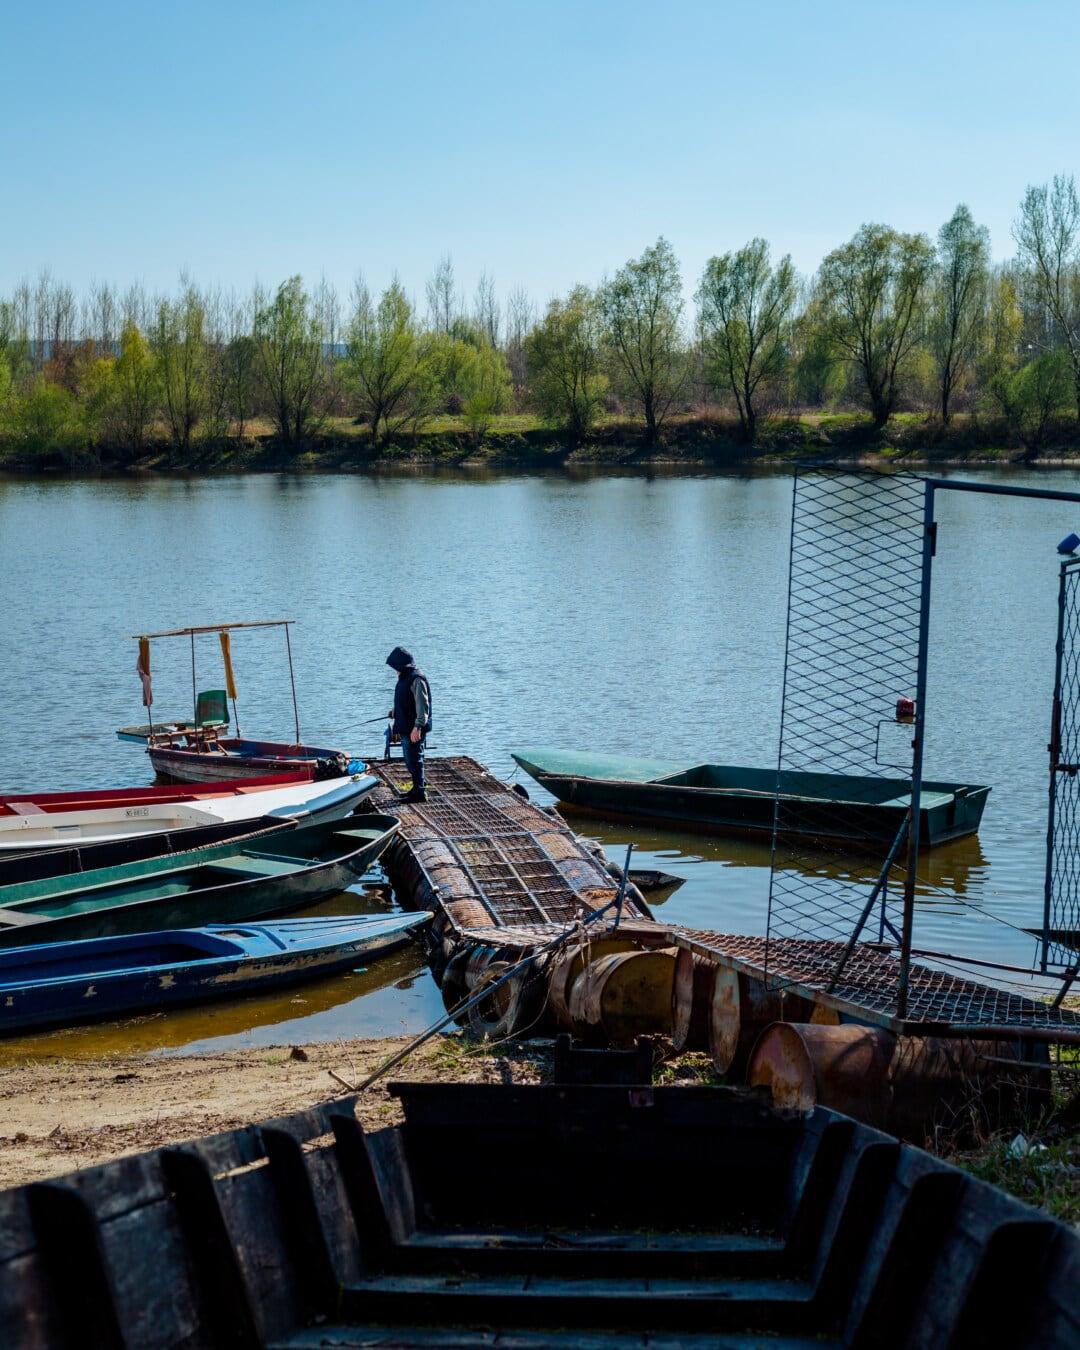 bateau de rivière, pêcheur, pêche, bateaux, des loisirs, printemps, rural, embarcation, bateau, eau